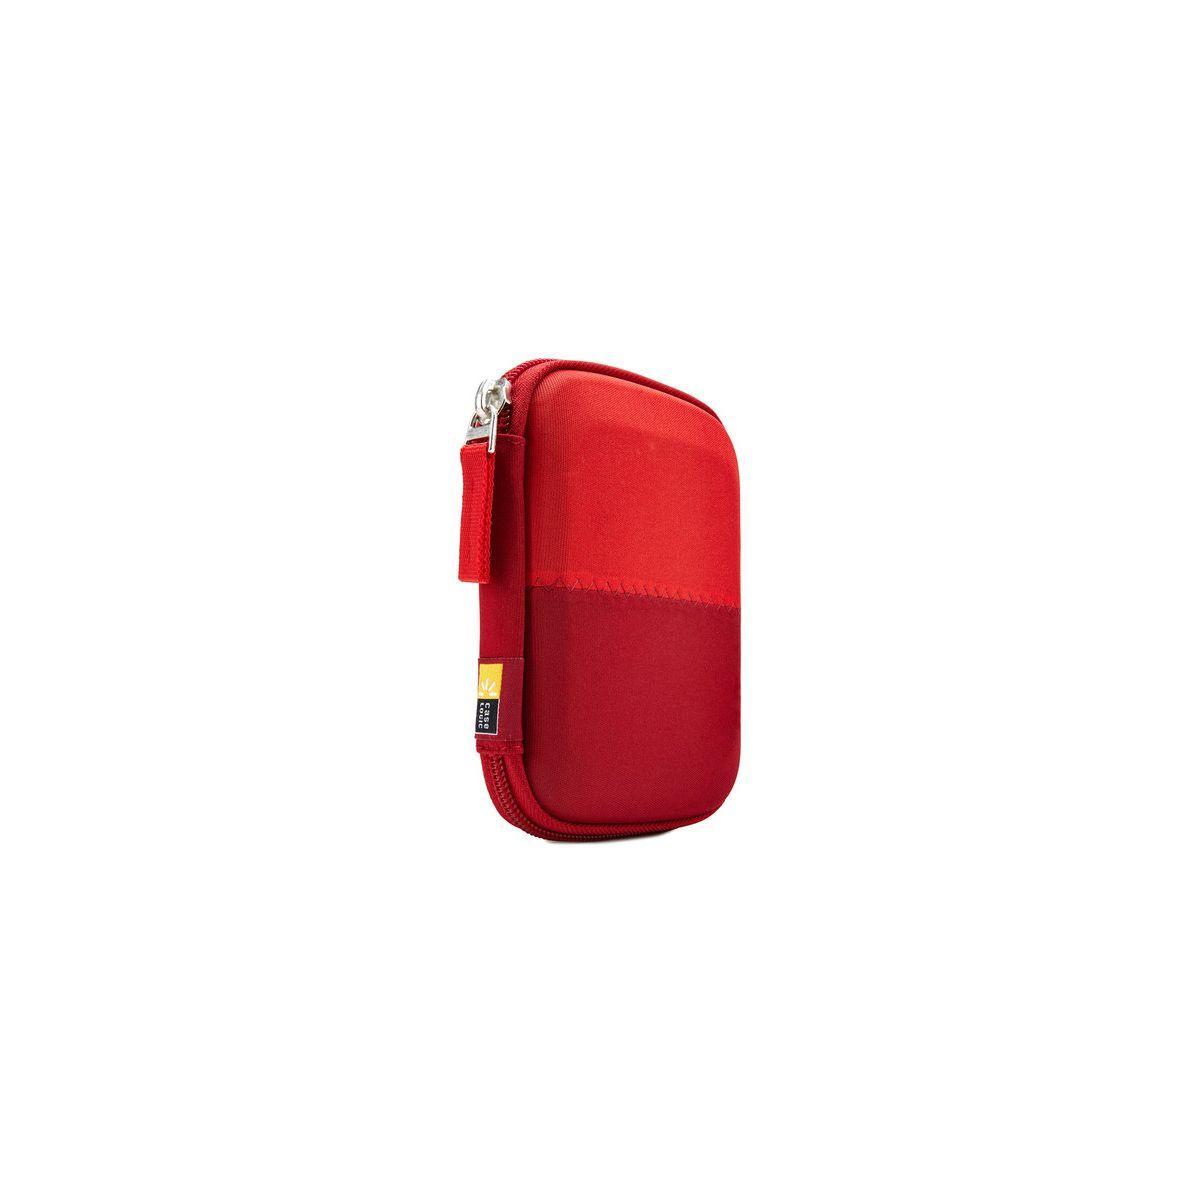 Housse caselogic disque dur 2,5'' rouge (photo)